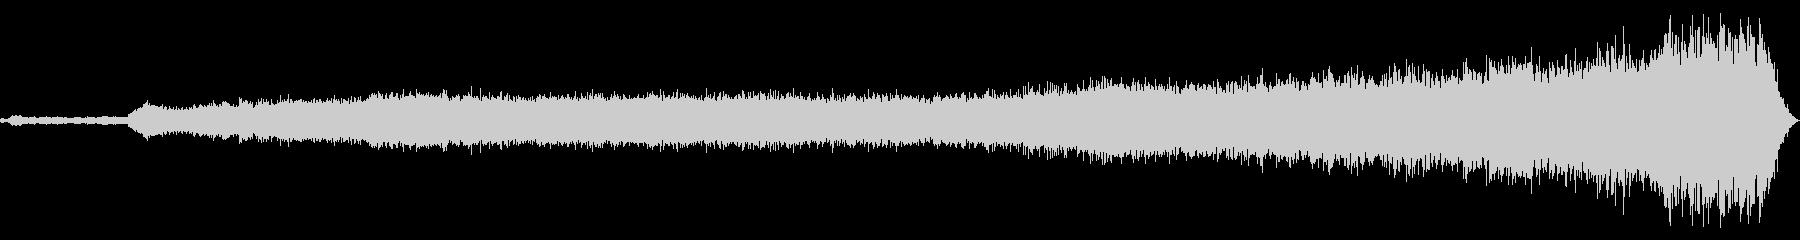 ベル206ジェットレンジャー3:拡...の未再生の波形